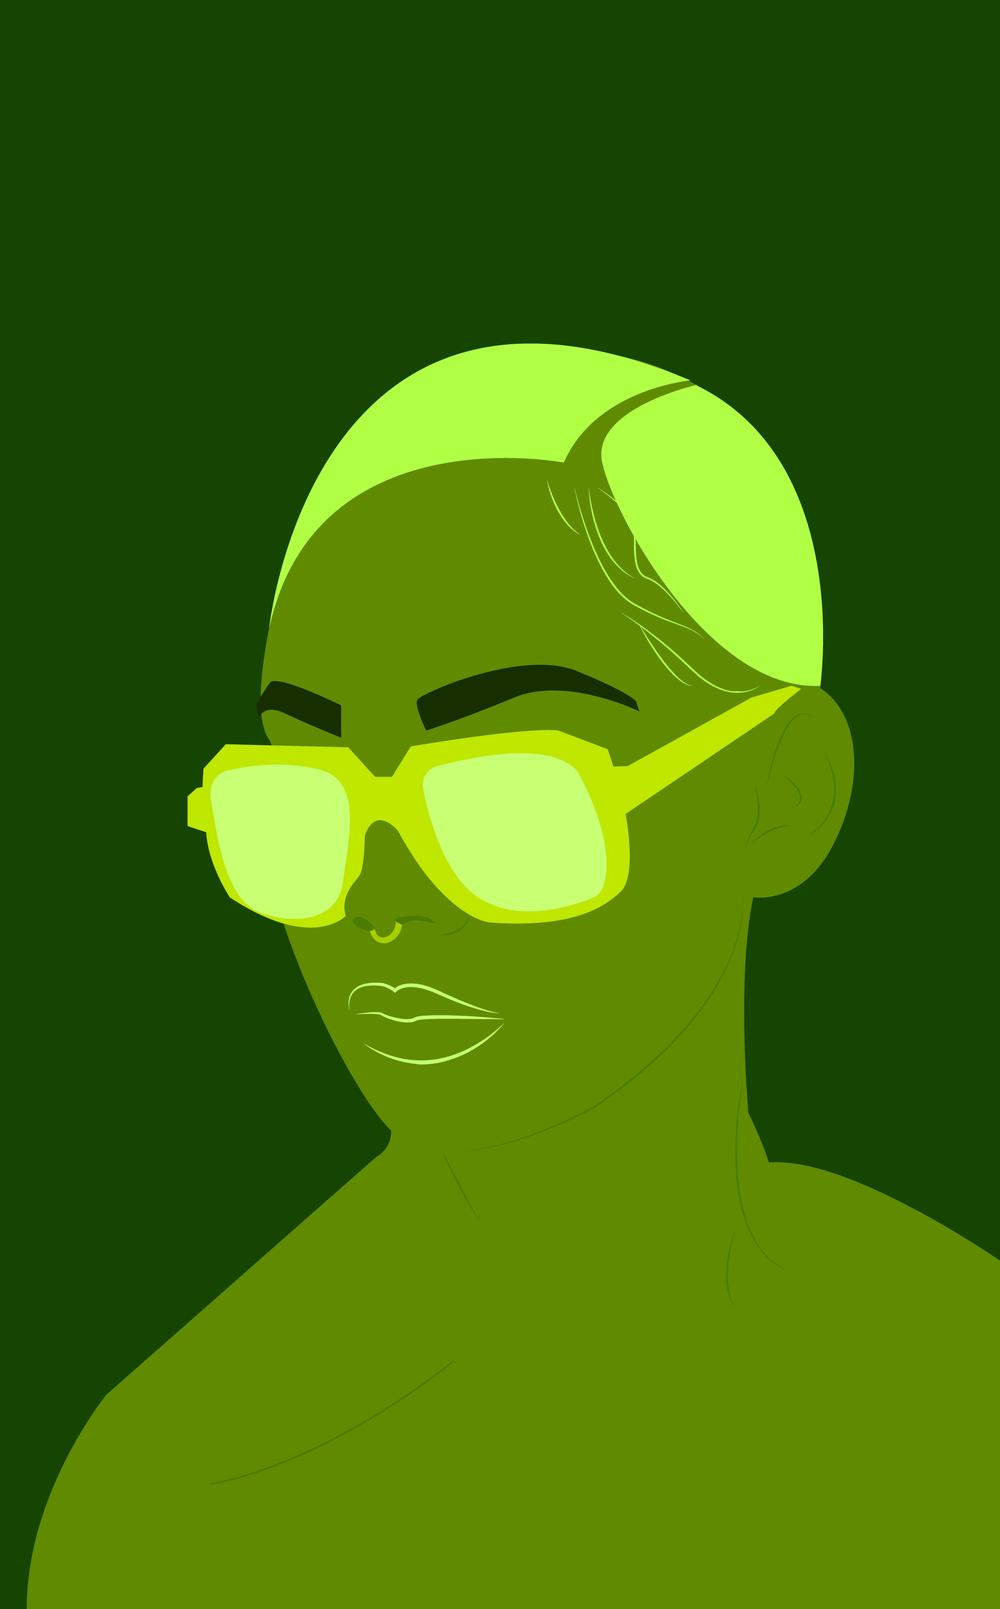 Sunglass girl green.png